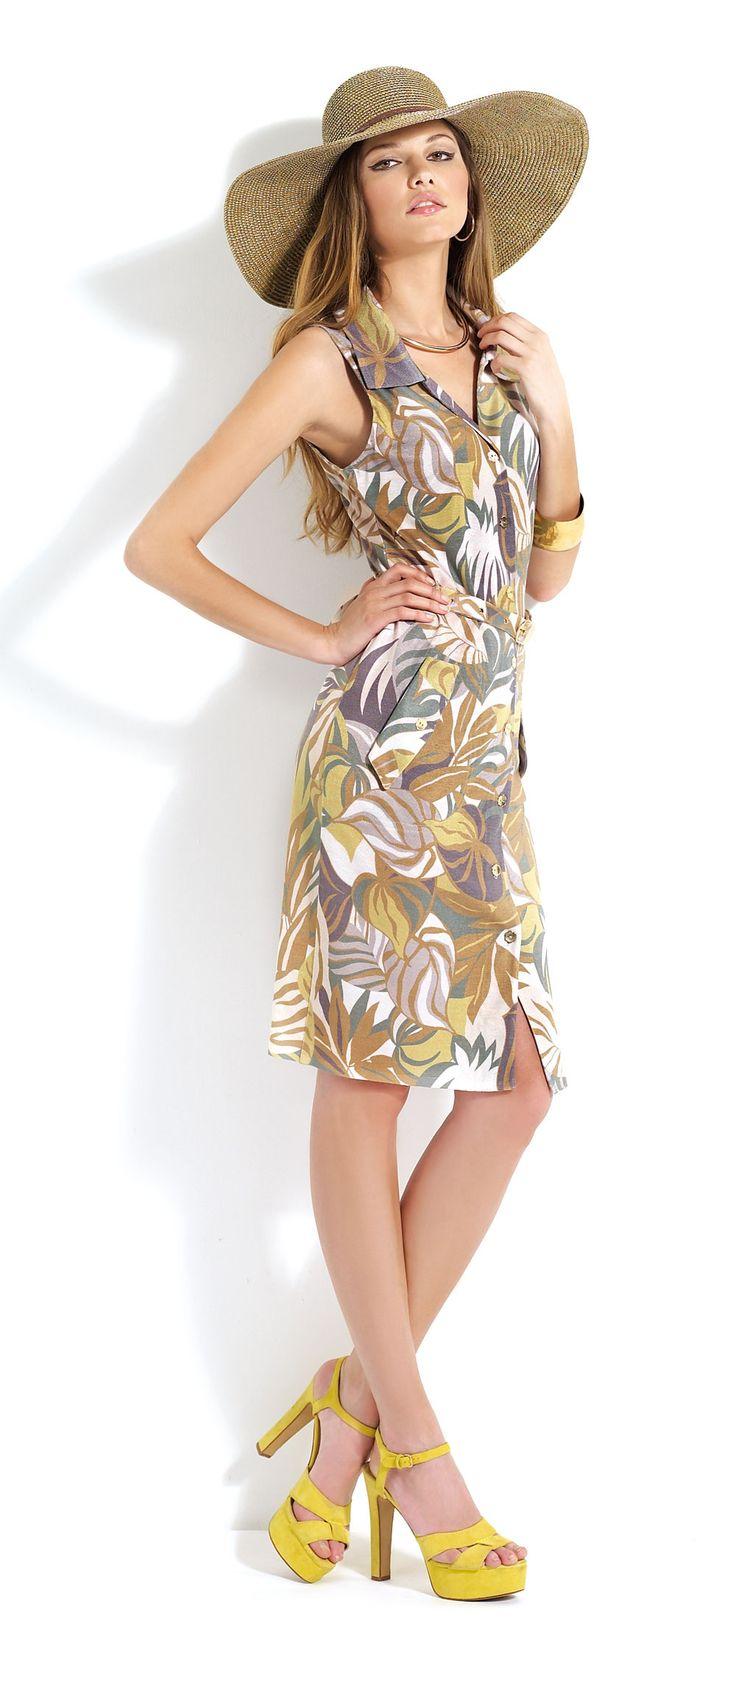 Vestido con estampado #floral de tirantes con pamela a juego #dress #trend #fashion #summer #midi